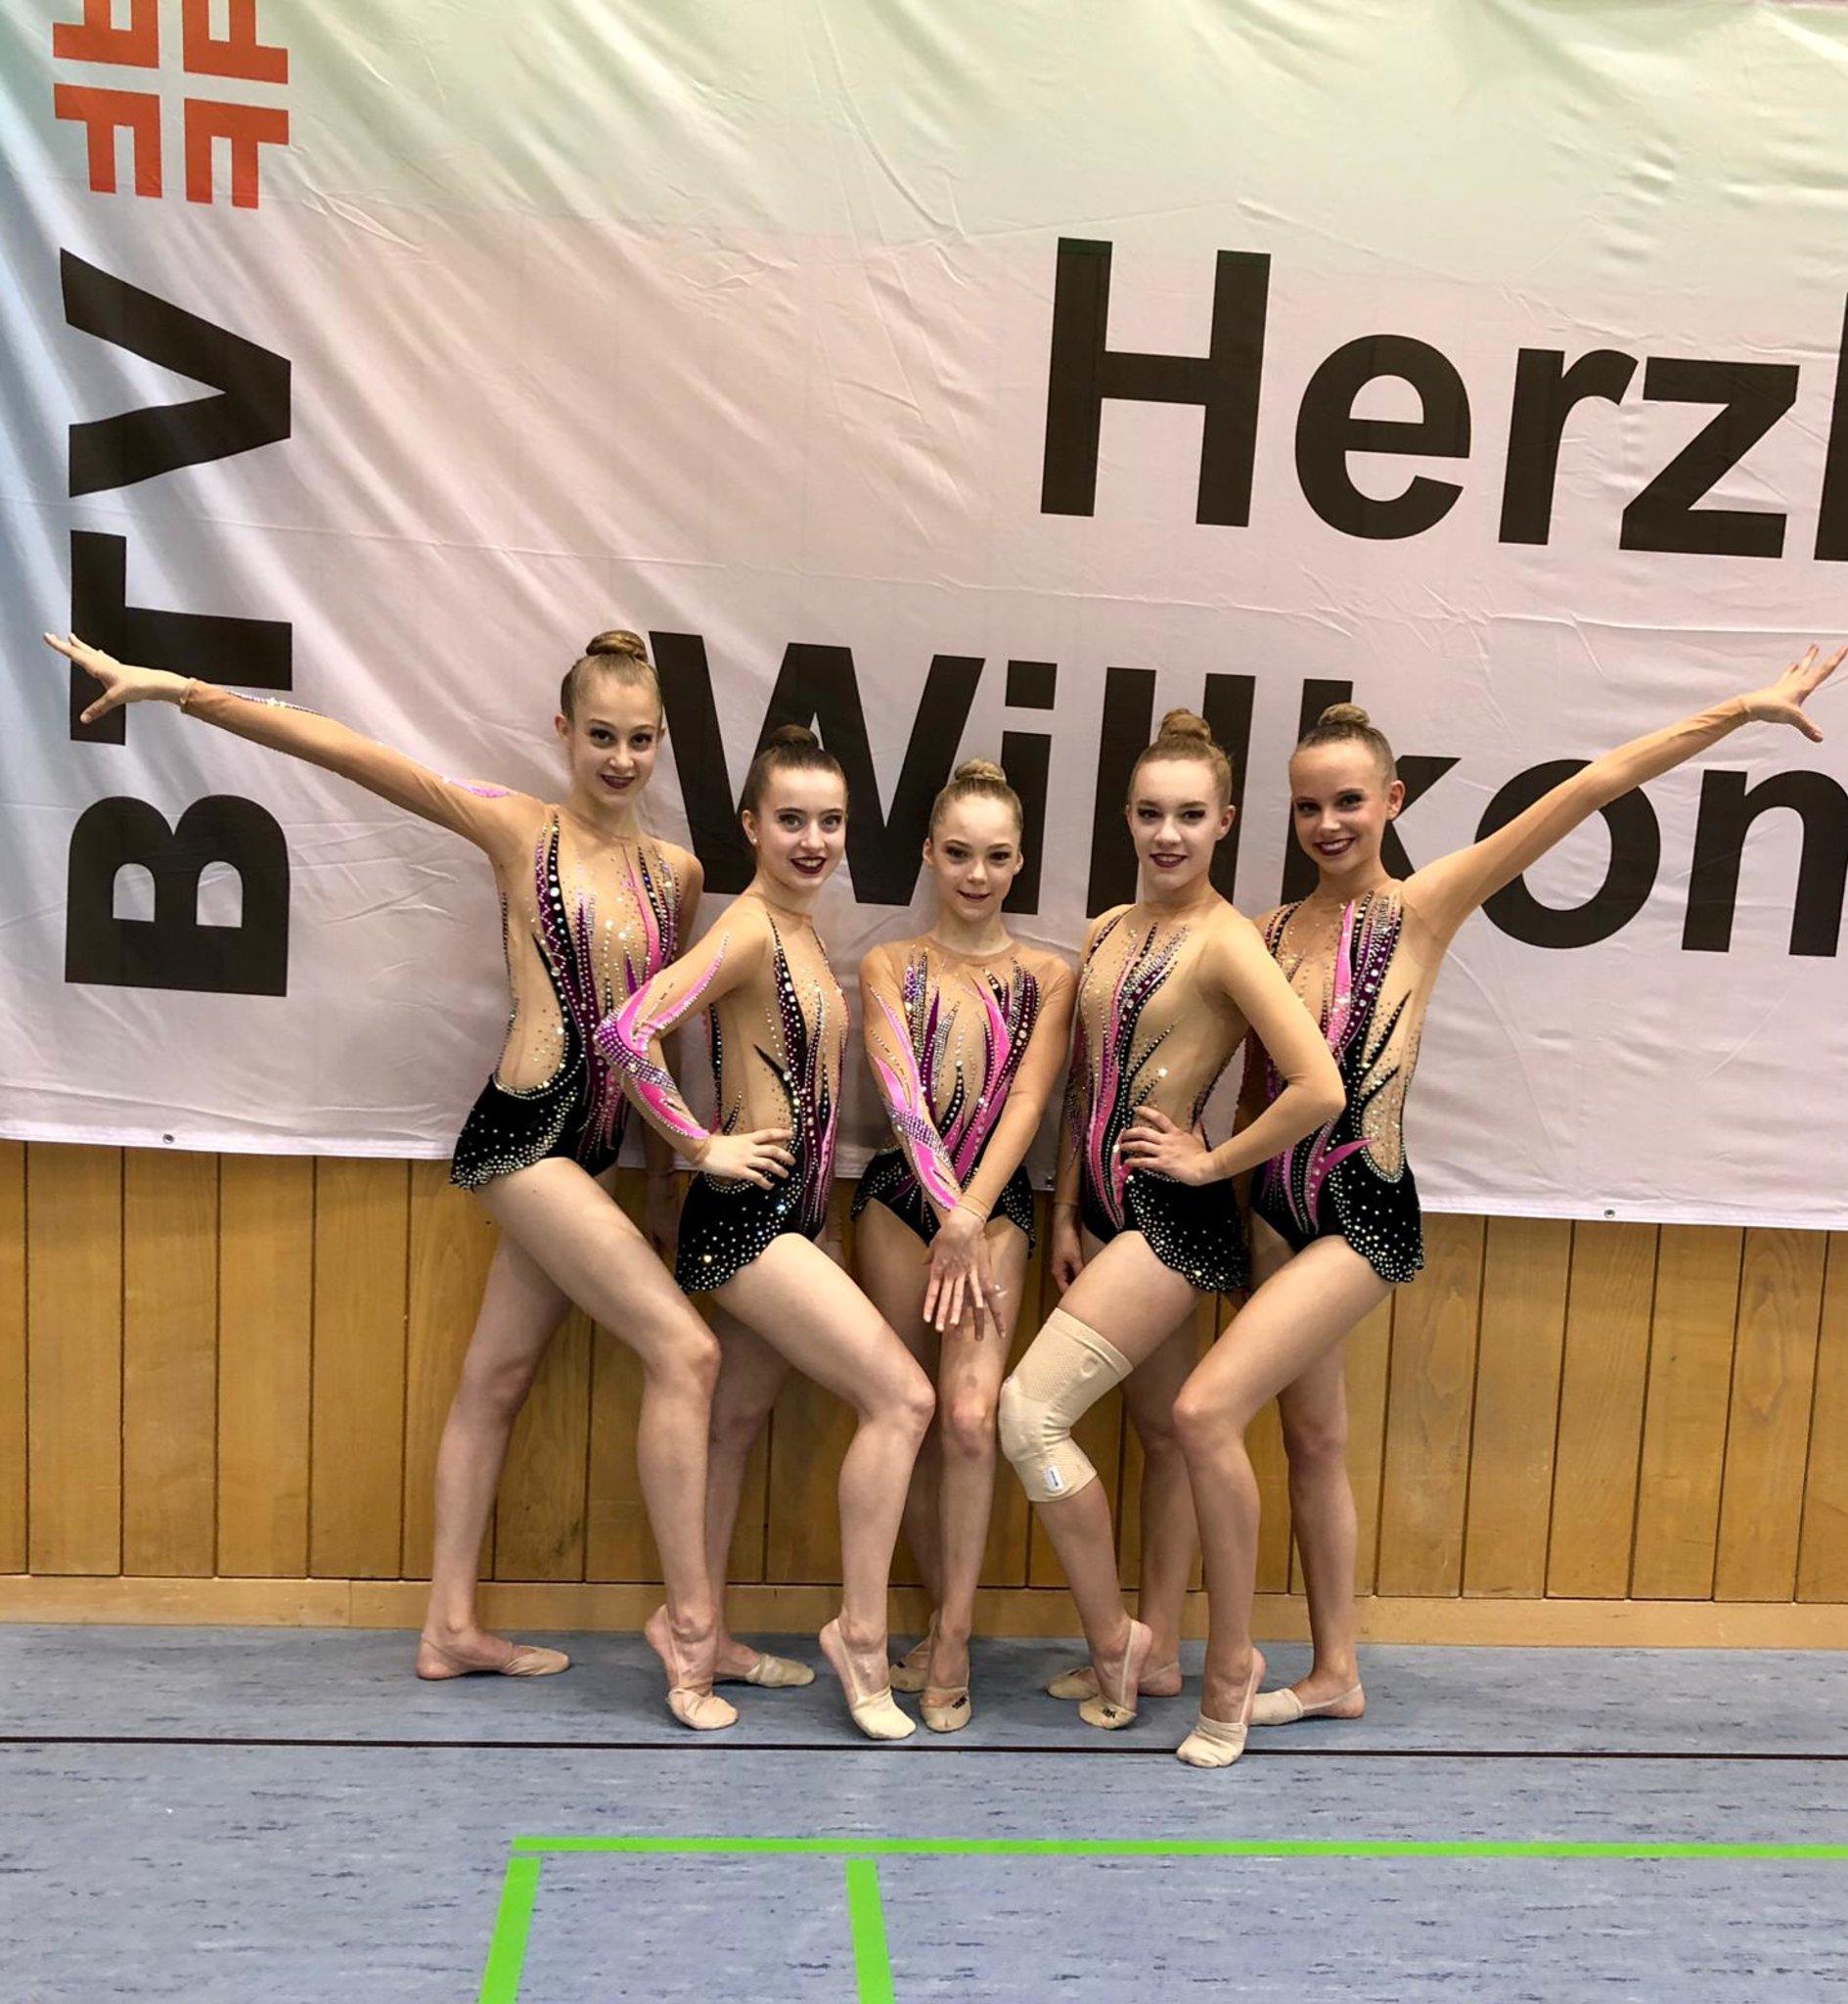 Rhythmische Sportgymnastik: Deutsche Meisterschaften Gruppen Meisterklasse der Rhythmischen Sportgymnastik in - kraichgau.news